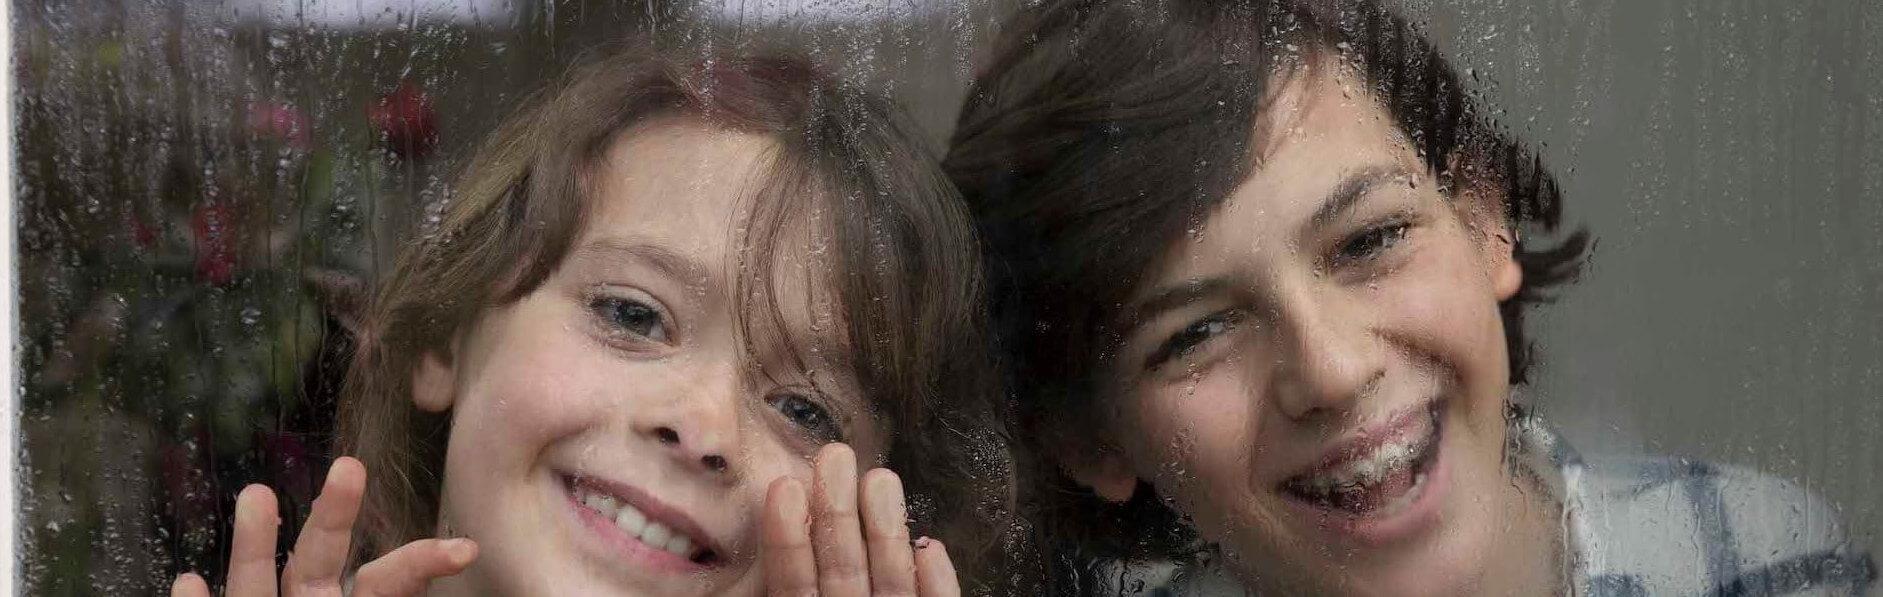 Kinderen achter een nat raam